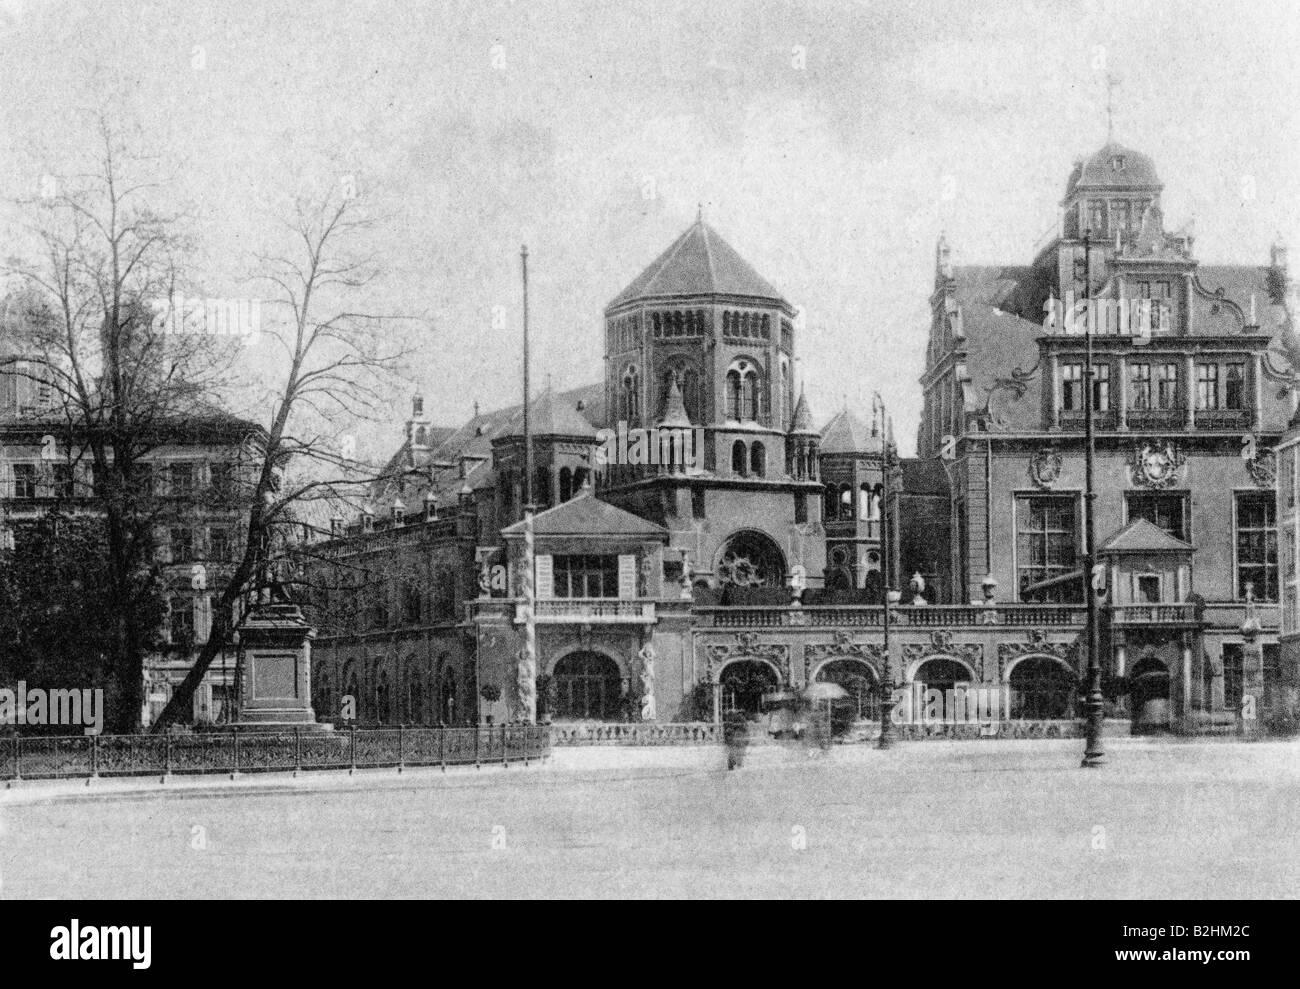 geography/travel, Germany, Munich, Künstlerhaus at Lenbachplatz, built 1893 - 1900, architect: Gabriel von - Stock Image